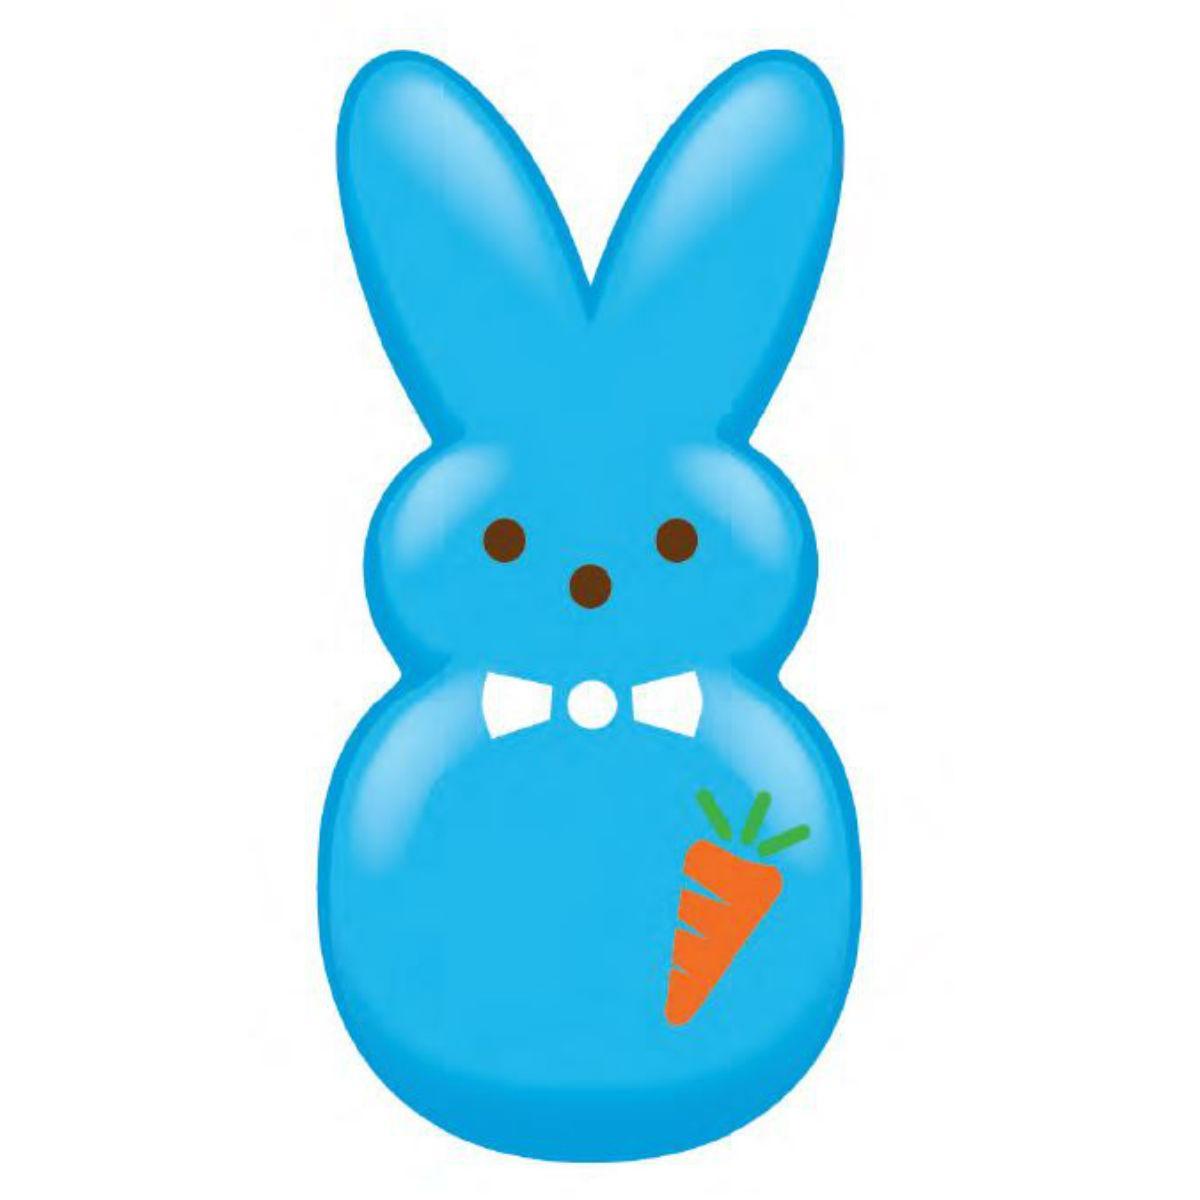 Peeps Dress-Up Bunny Vinyl Dog Toy - Blue Carrot